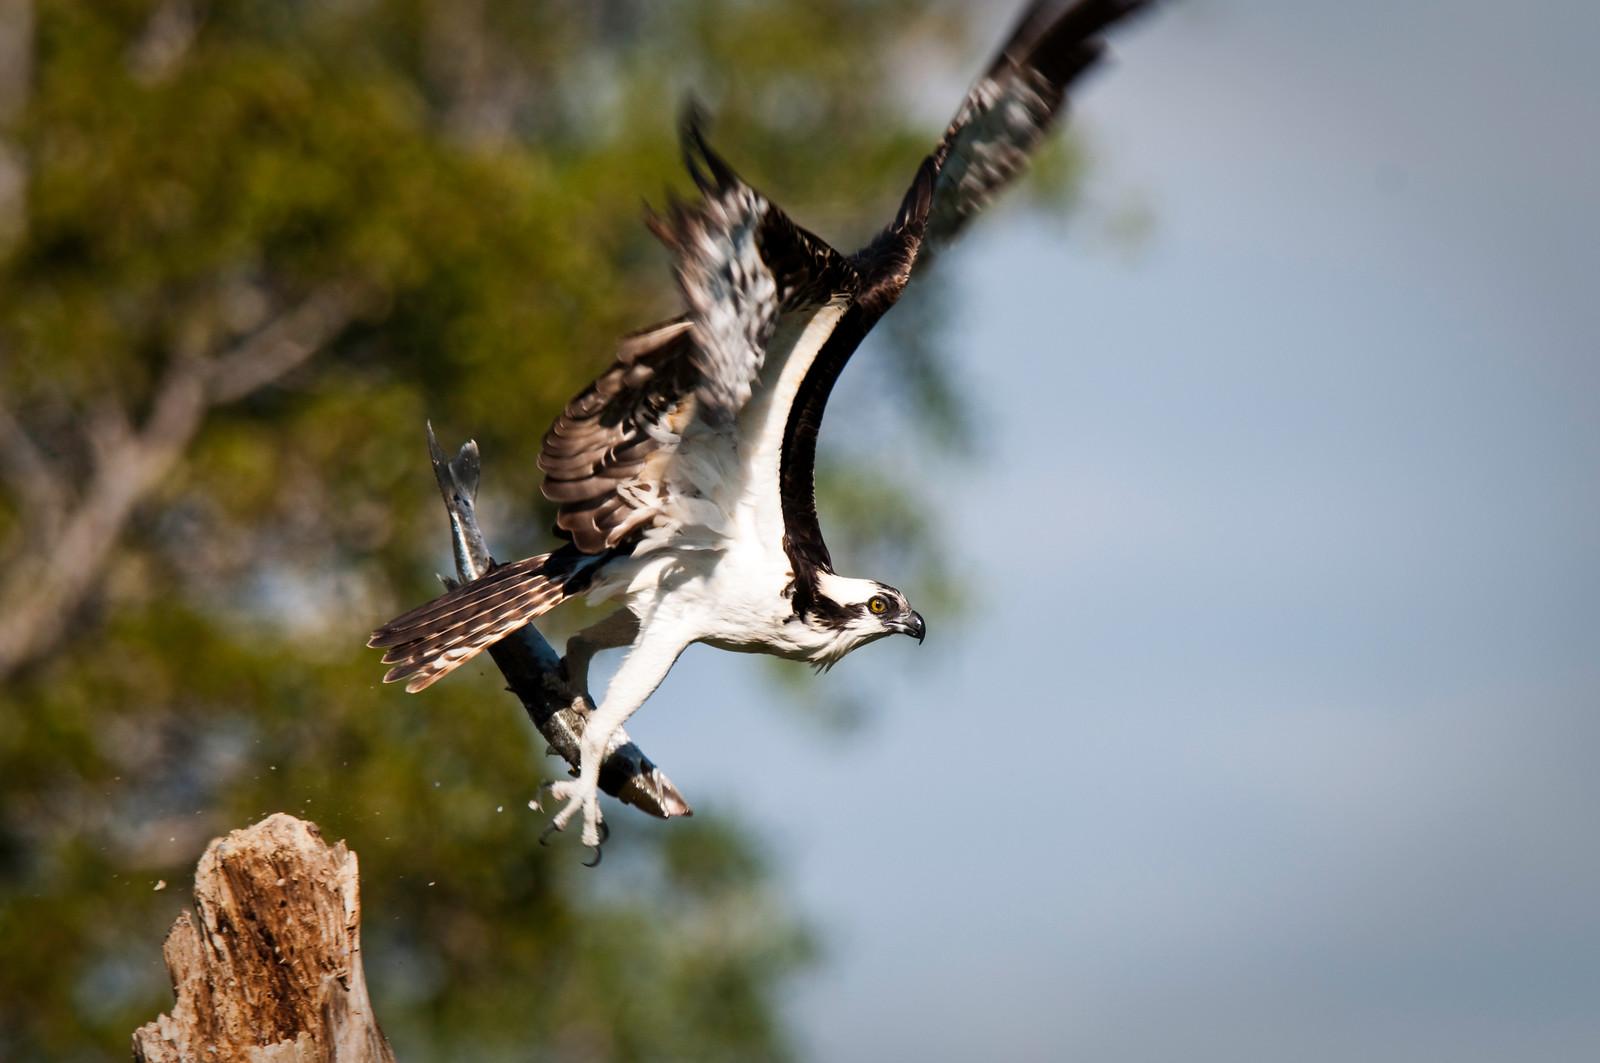 Osprey with barracuda catch takes flight Flamingo, Everglades National Park Florida © 2010